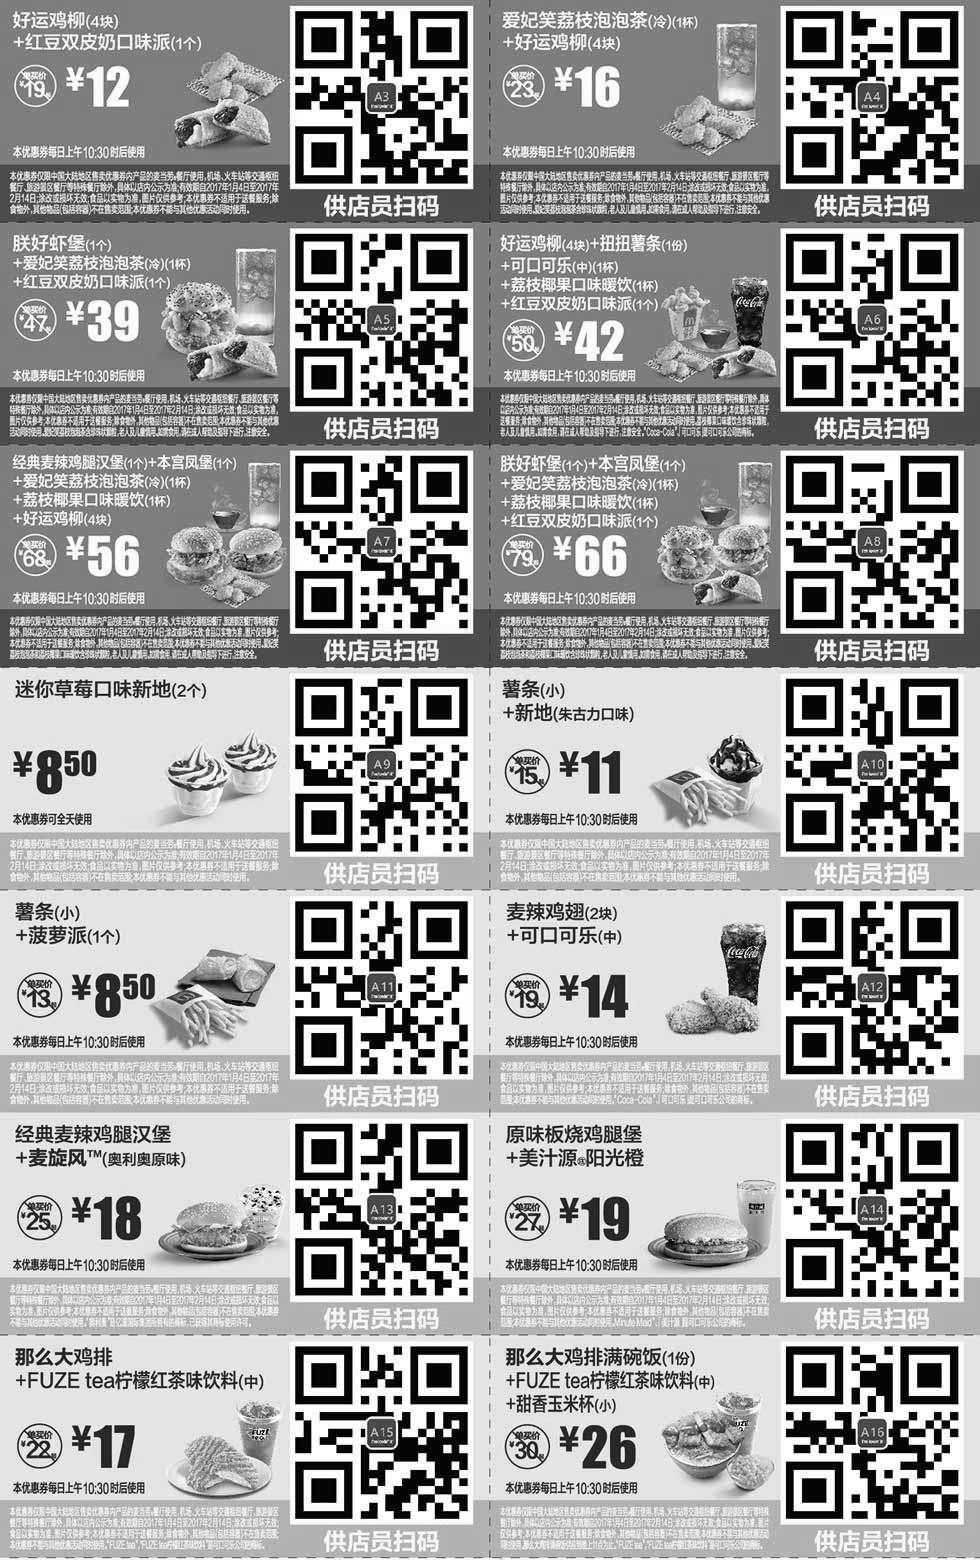 黑白麦当劳优惠券:麦当劳优惠券2017年1月2月整张手机版,点餐出示享受优惠价